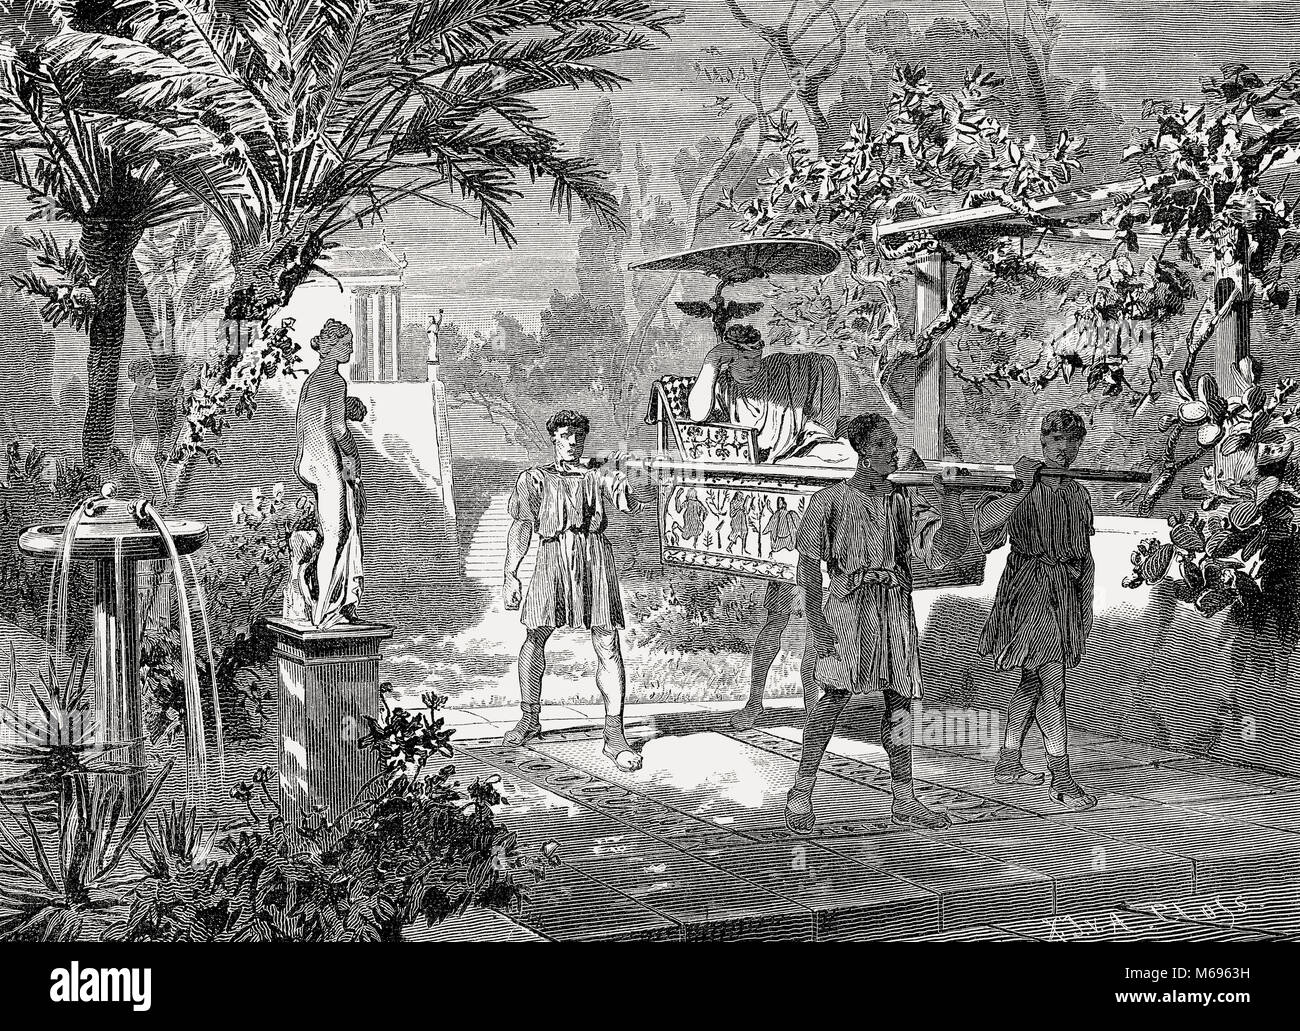 La escena del jardín, la silla del sedán, la antigua Roma, siglo III Imagen De Stock